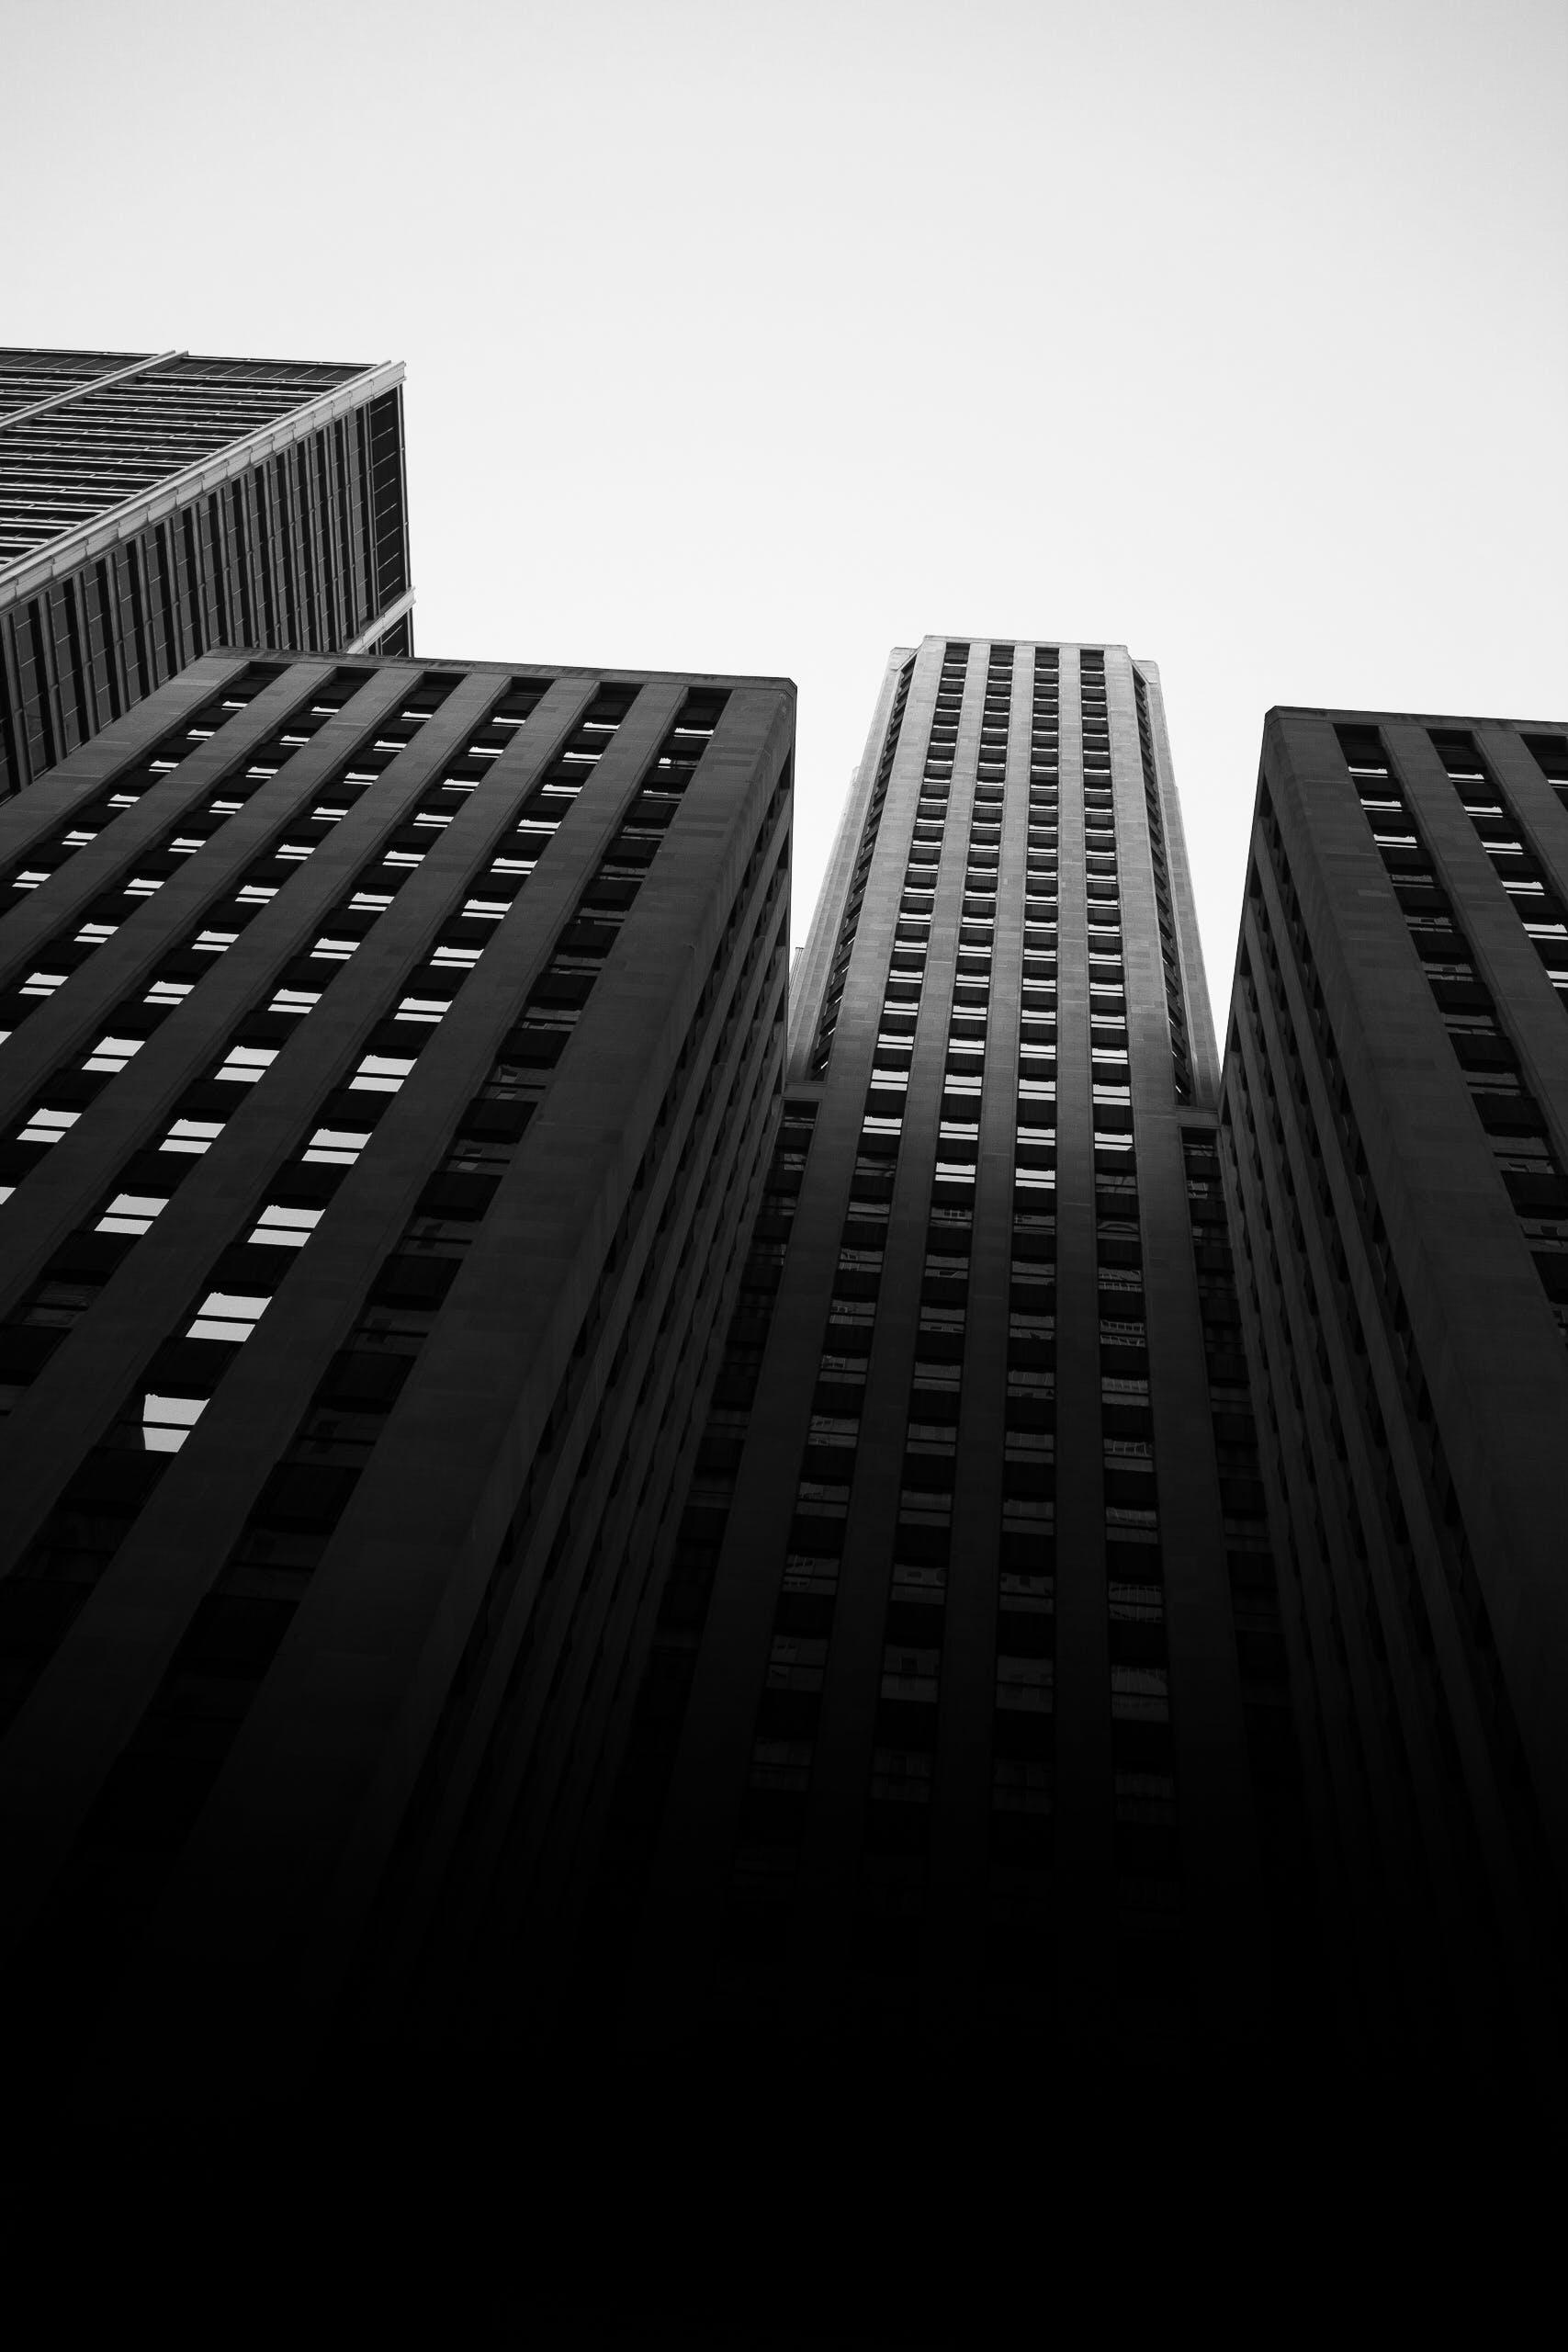 Immagine gratuita di acciaio, architettura, bianco e nero, calcestruzzo